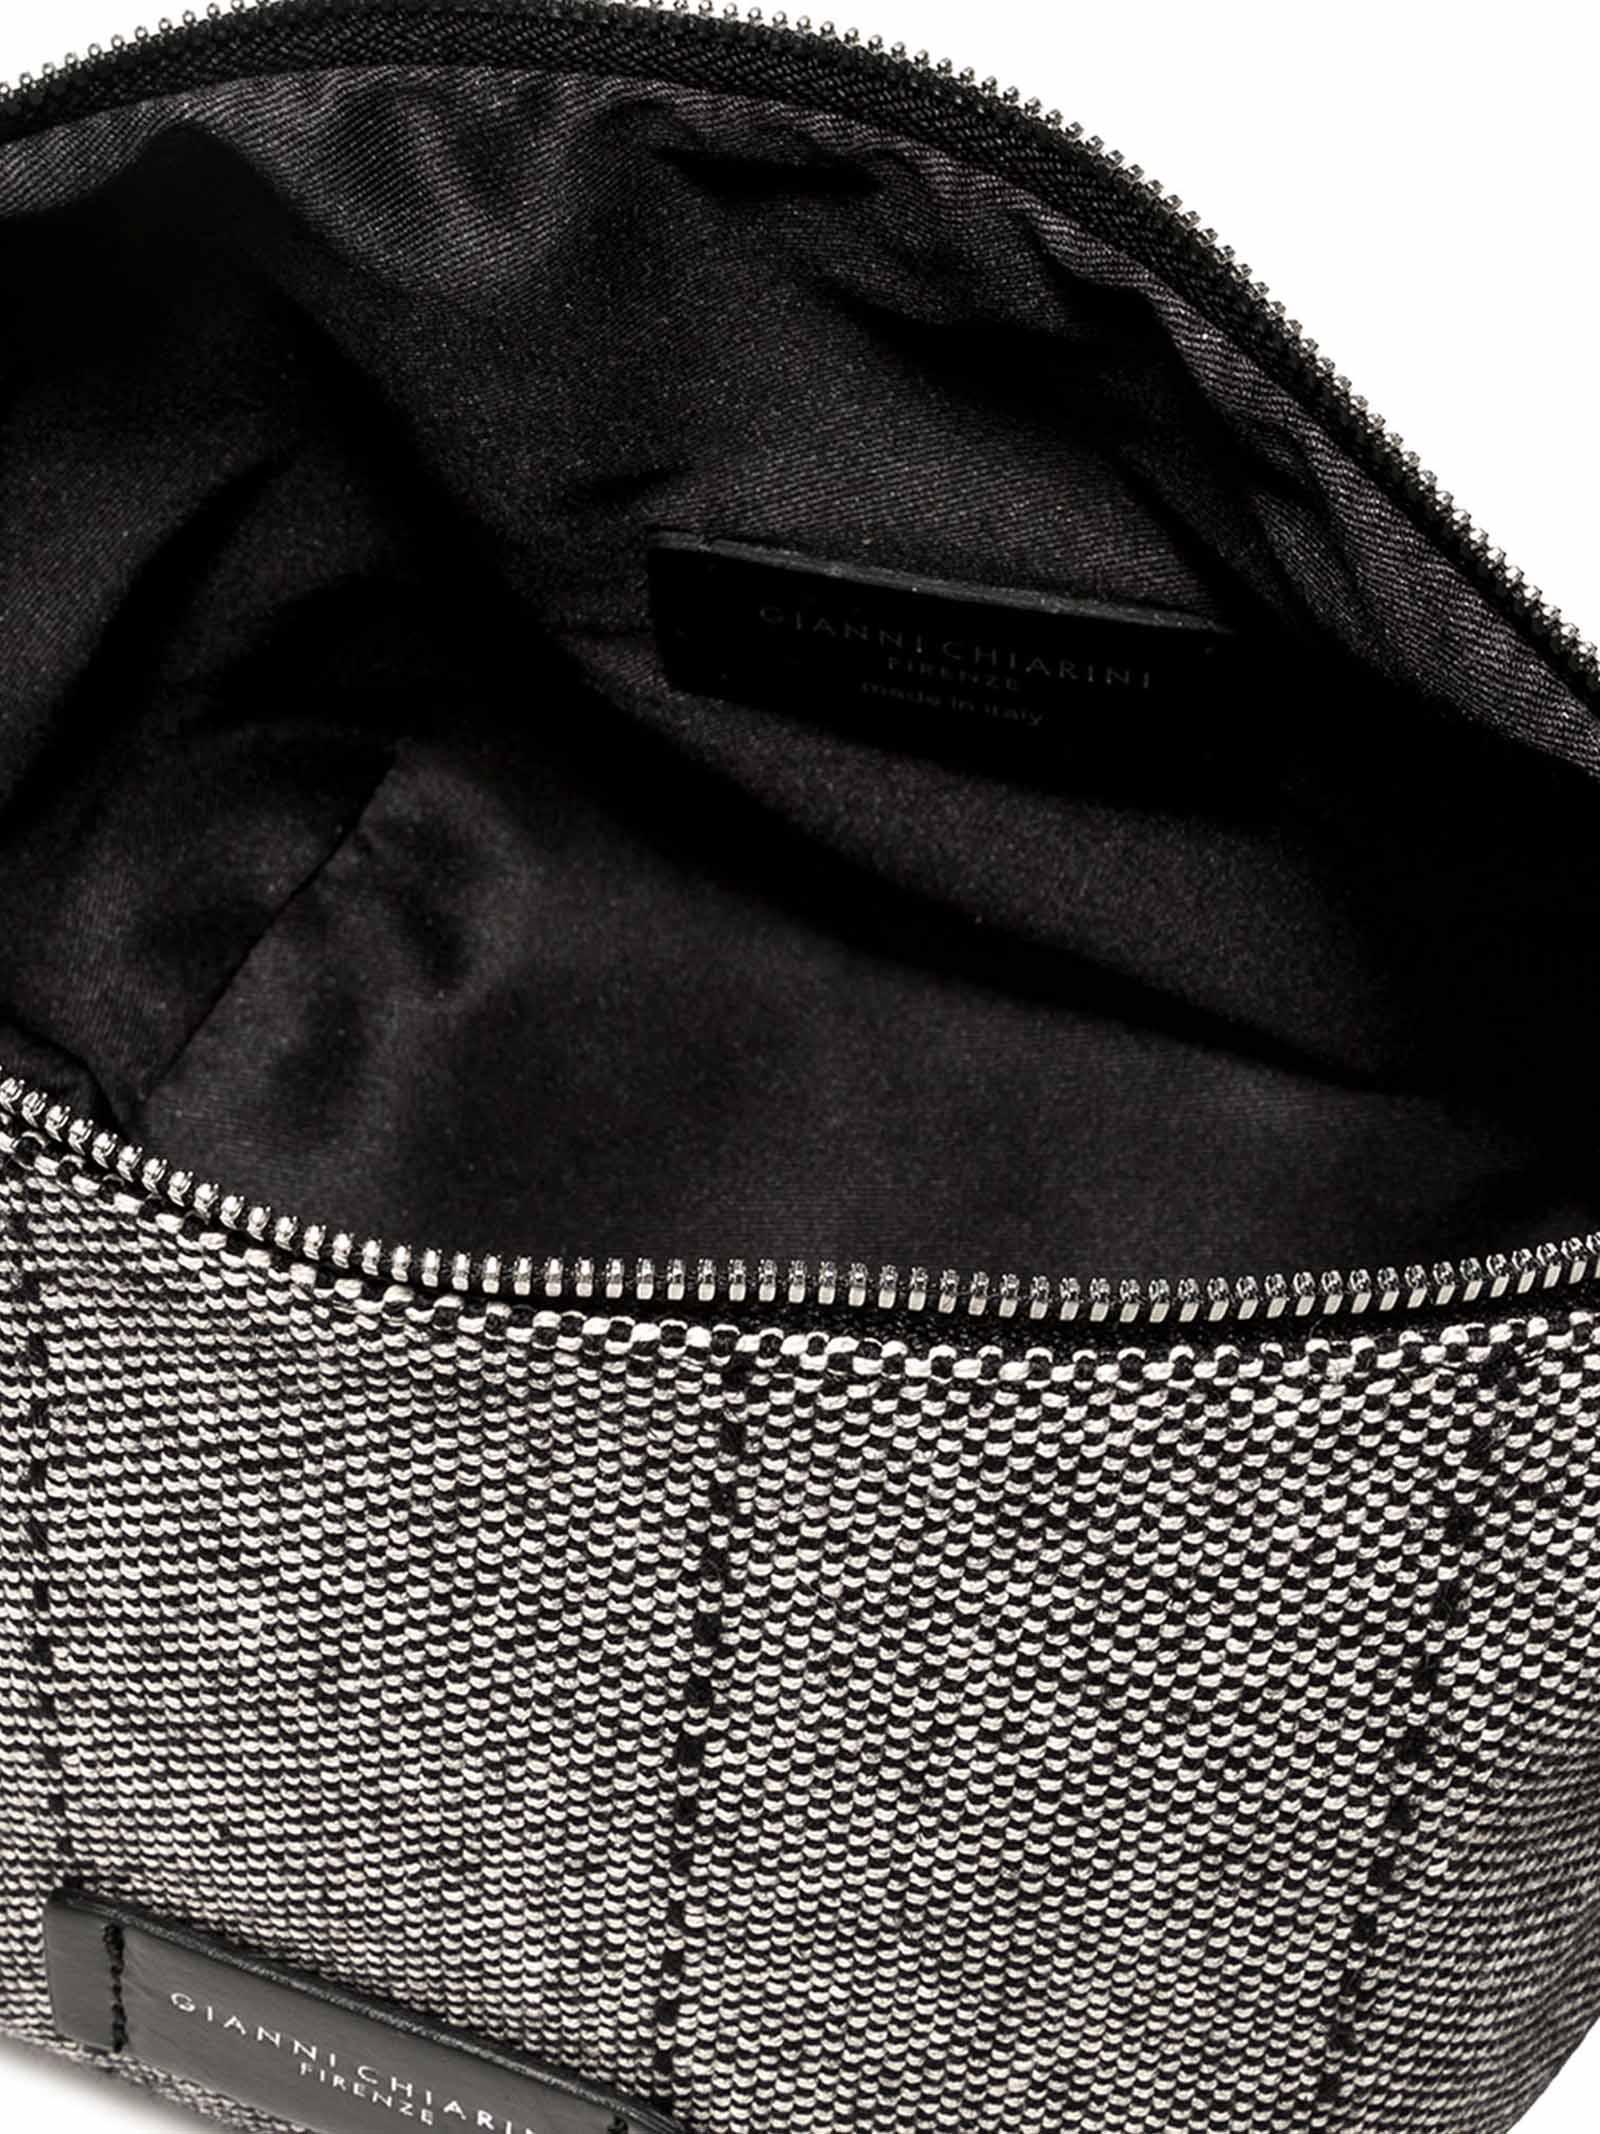 Accessori Donna Piccolo Svuota Borse in Tessuto Grigio e Nero con Tracolla e Bracciale in Pelle Gianni Chiarini | Borse e zaini | SB9390052W